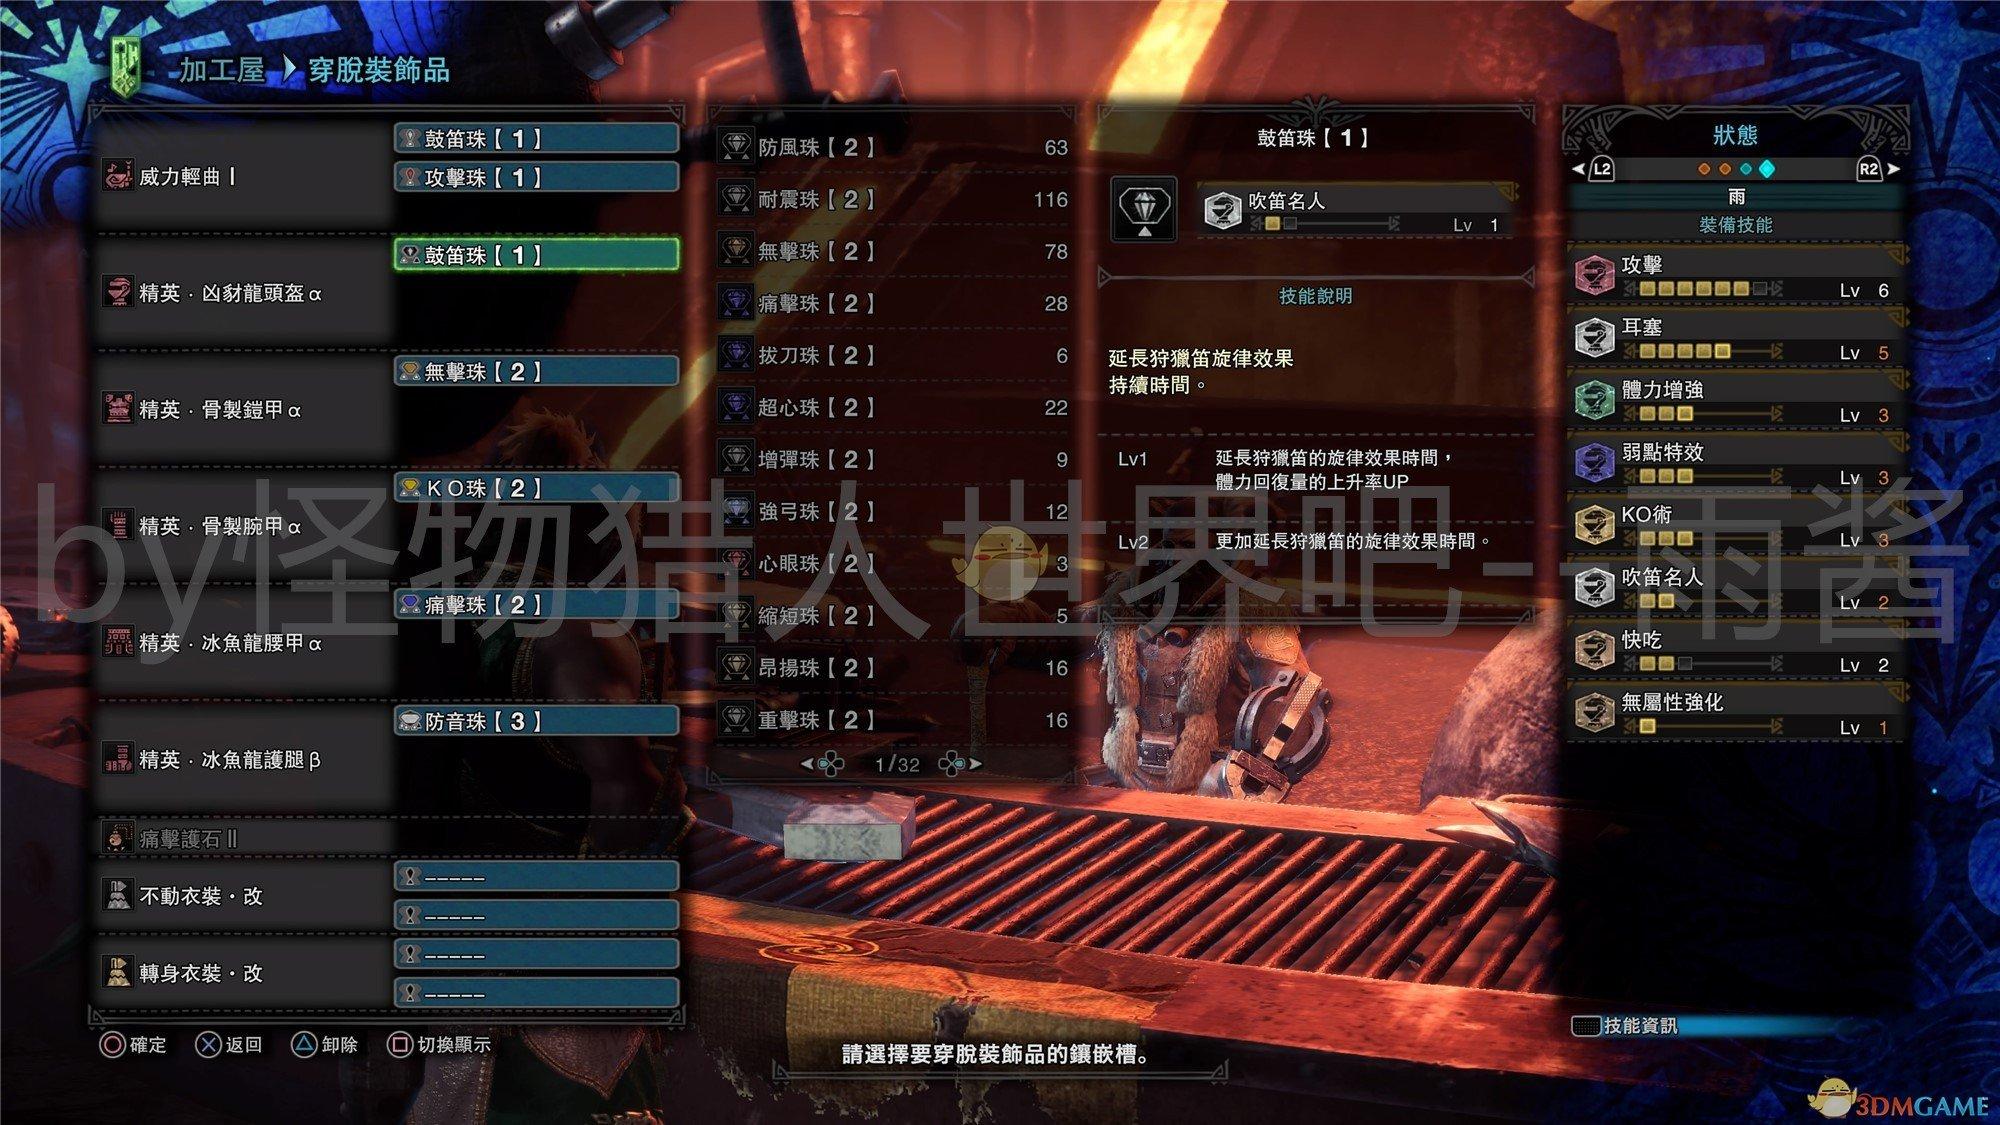 《怪物猎人:世界》冰原DLC狩猎笛开荒装备搭配推荐